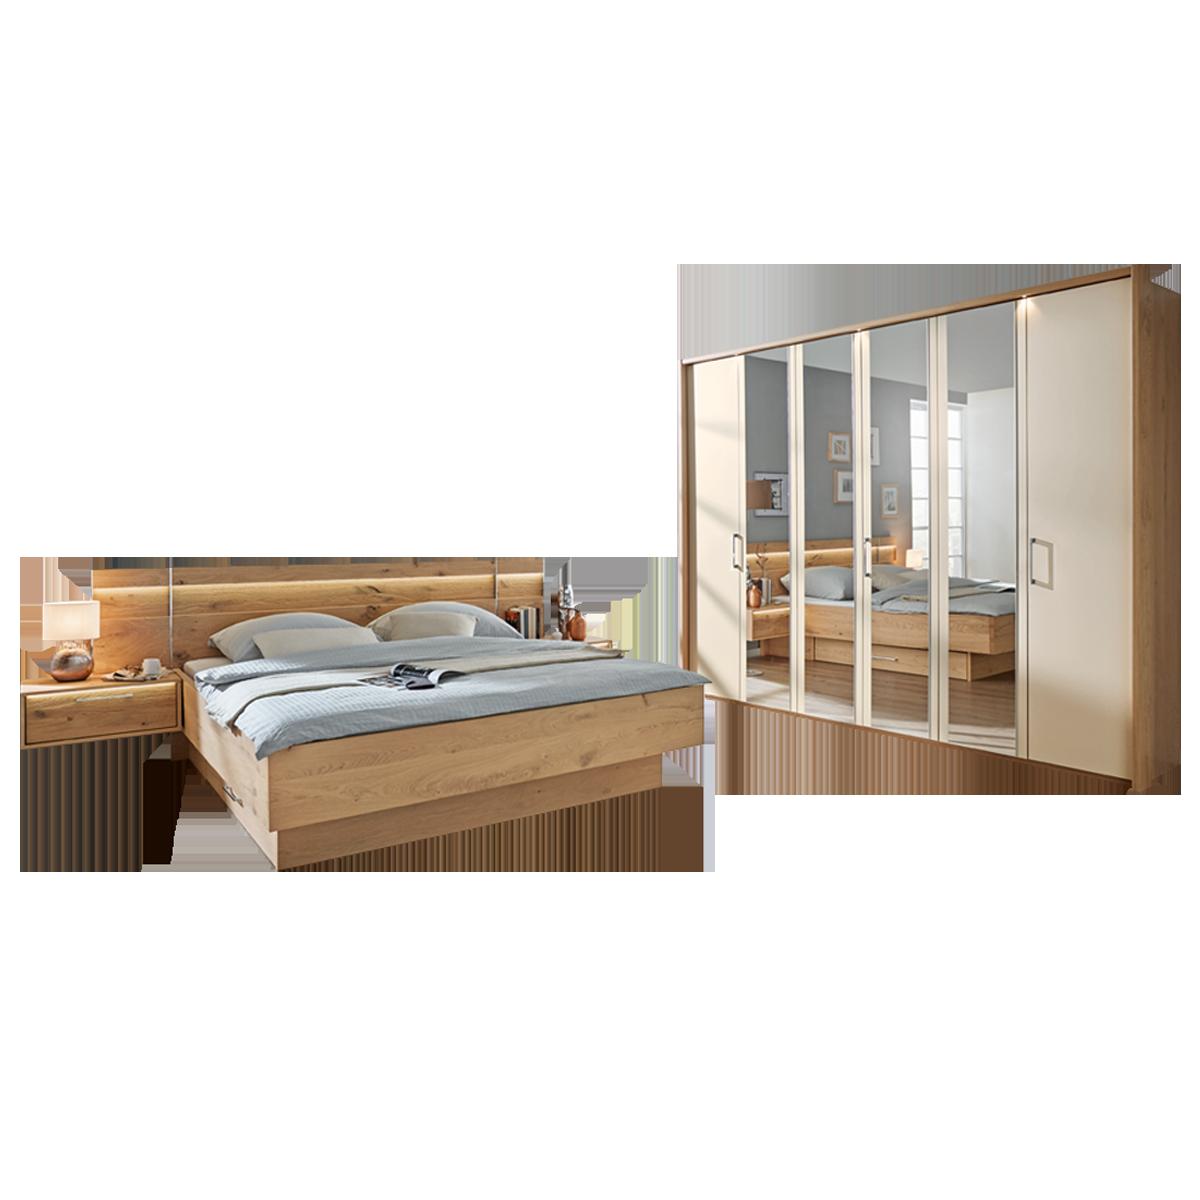 Disselkamp Cadiz Schlafzimmer Doppelbett mit Drehtürenkleiderschrank